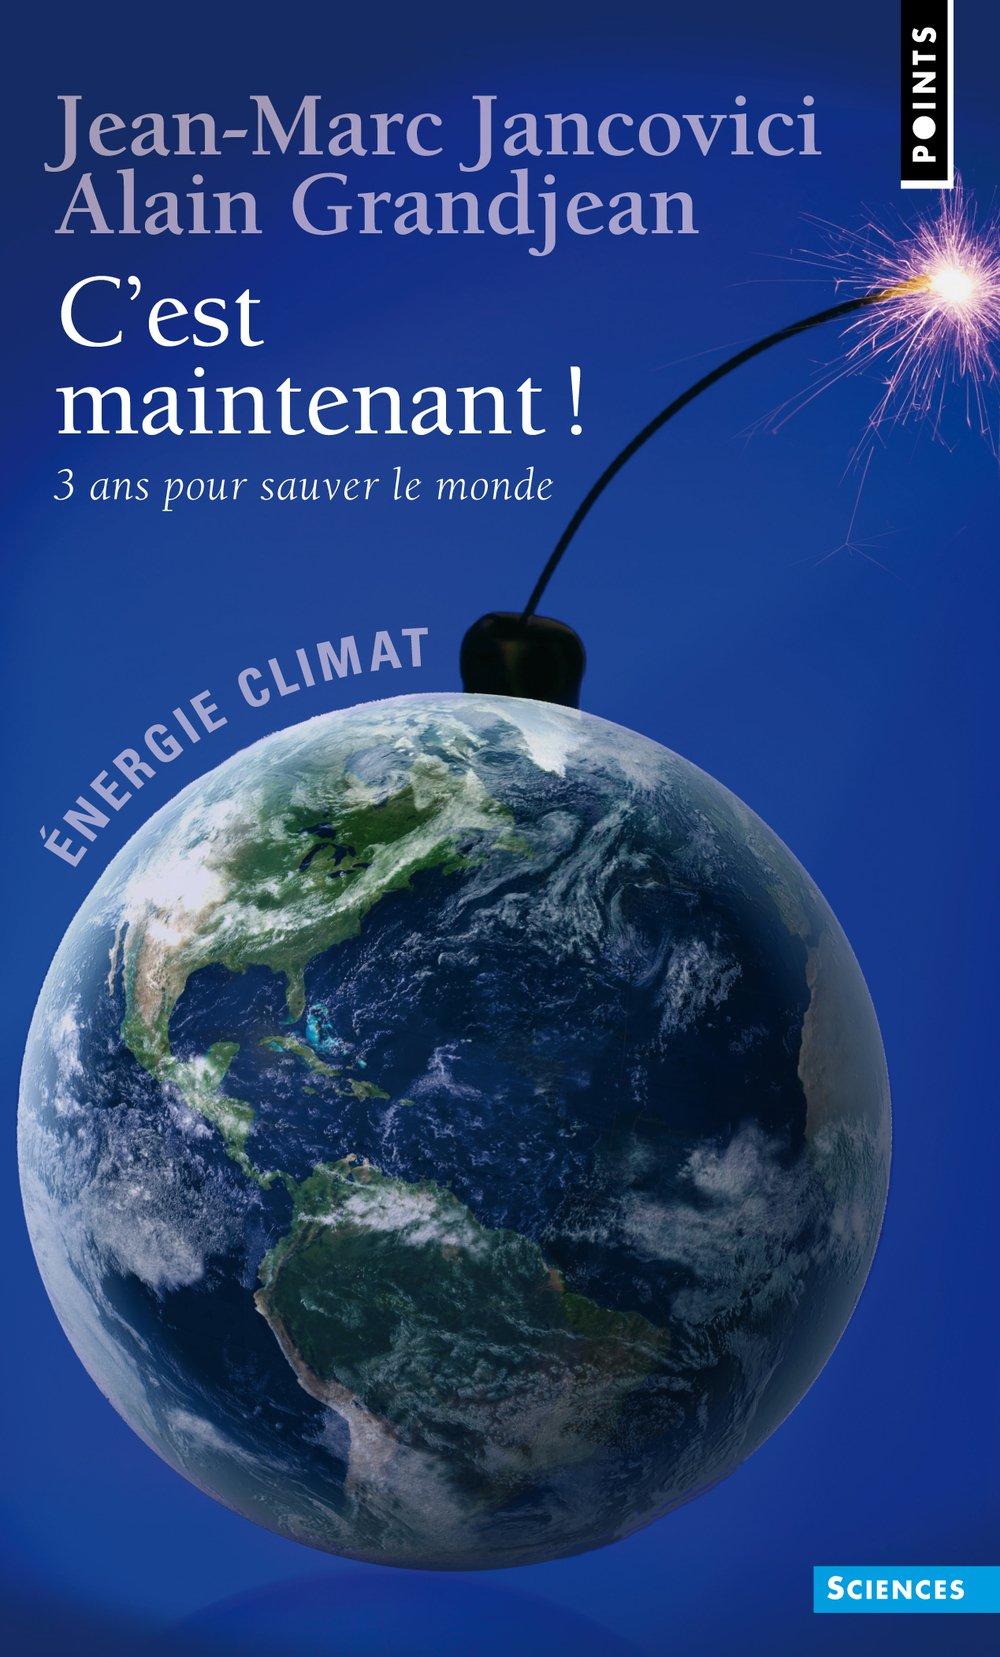 C'est maintenant !. 3 ans pour sauver le monde ! (Anglais) Poche – 11 mars 2010 Jean-marc Jancovici Alain Grandjean Points 2757817965